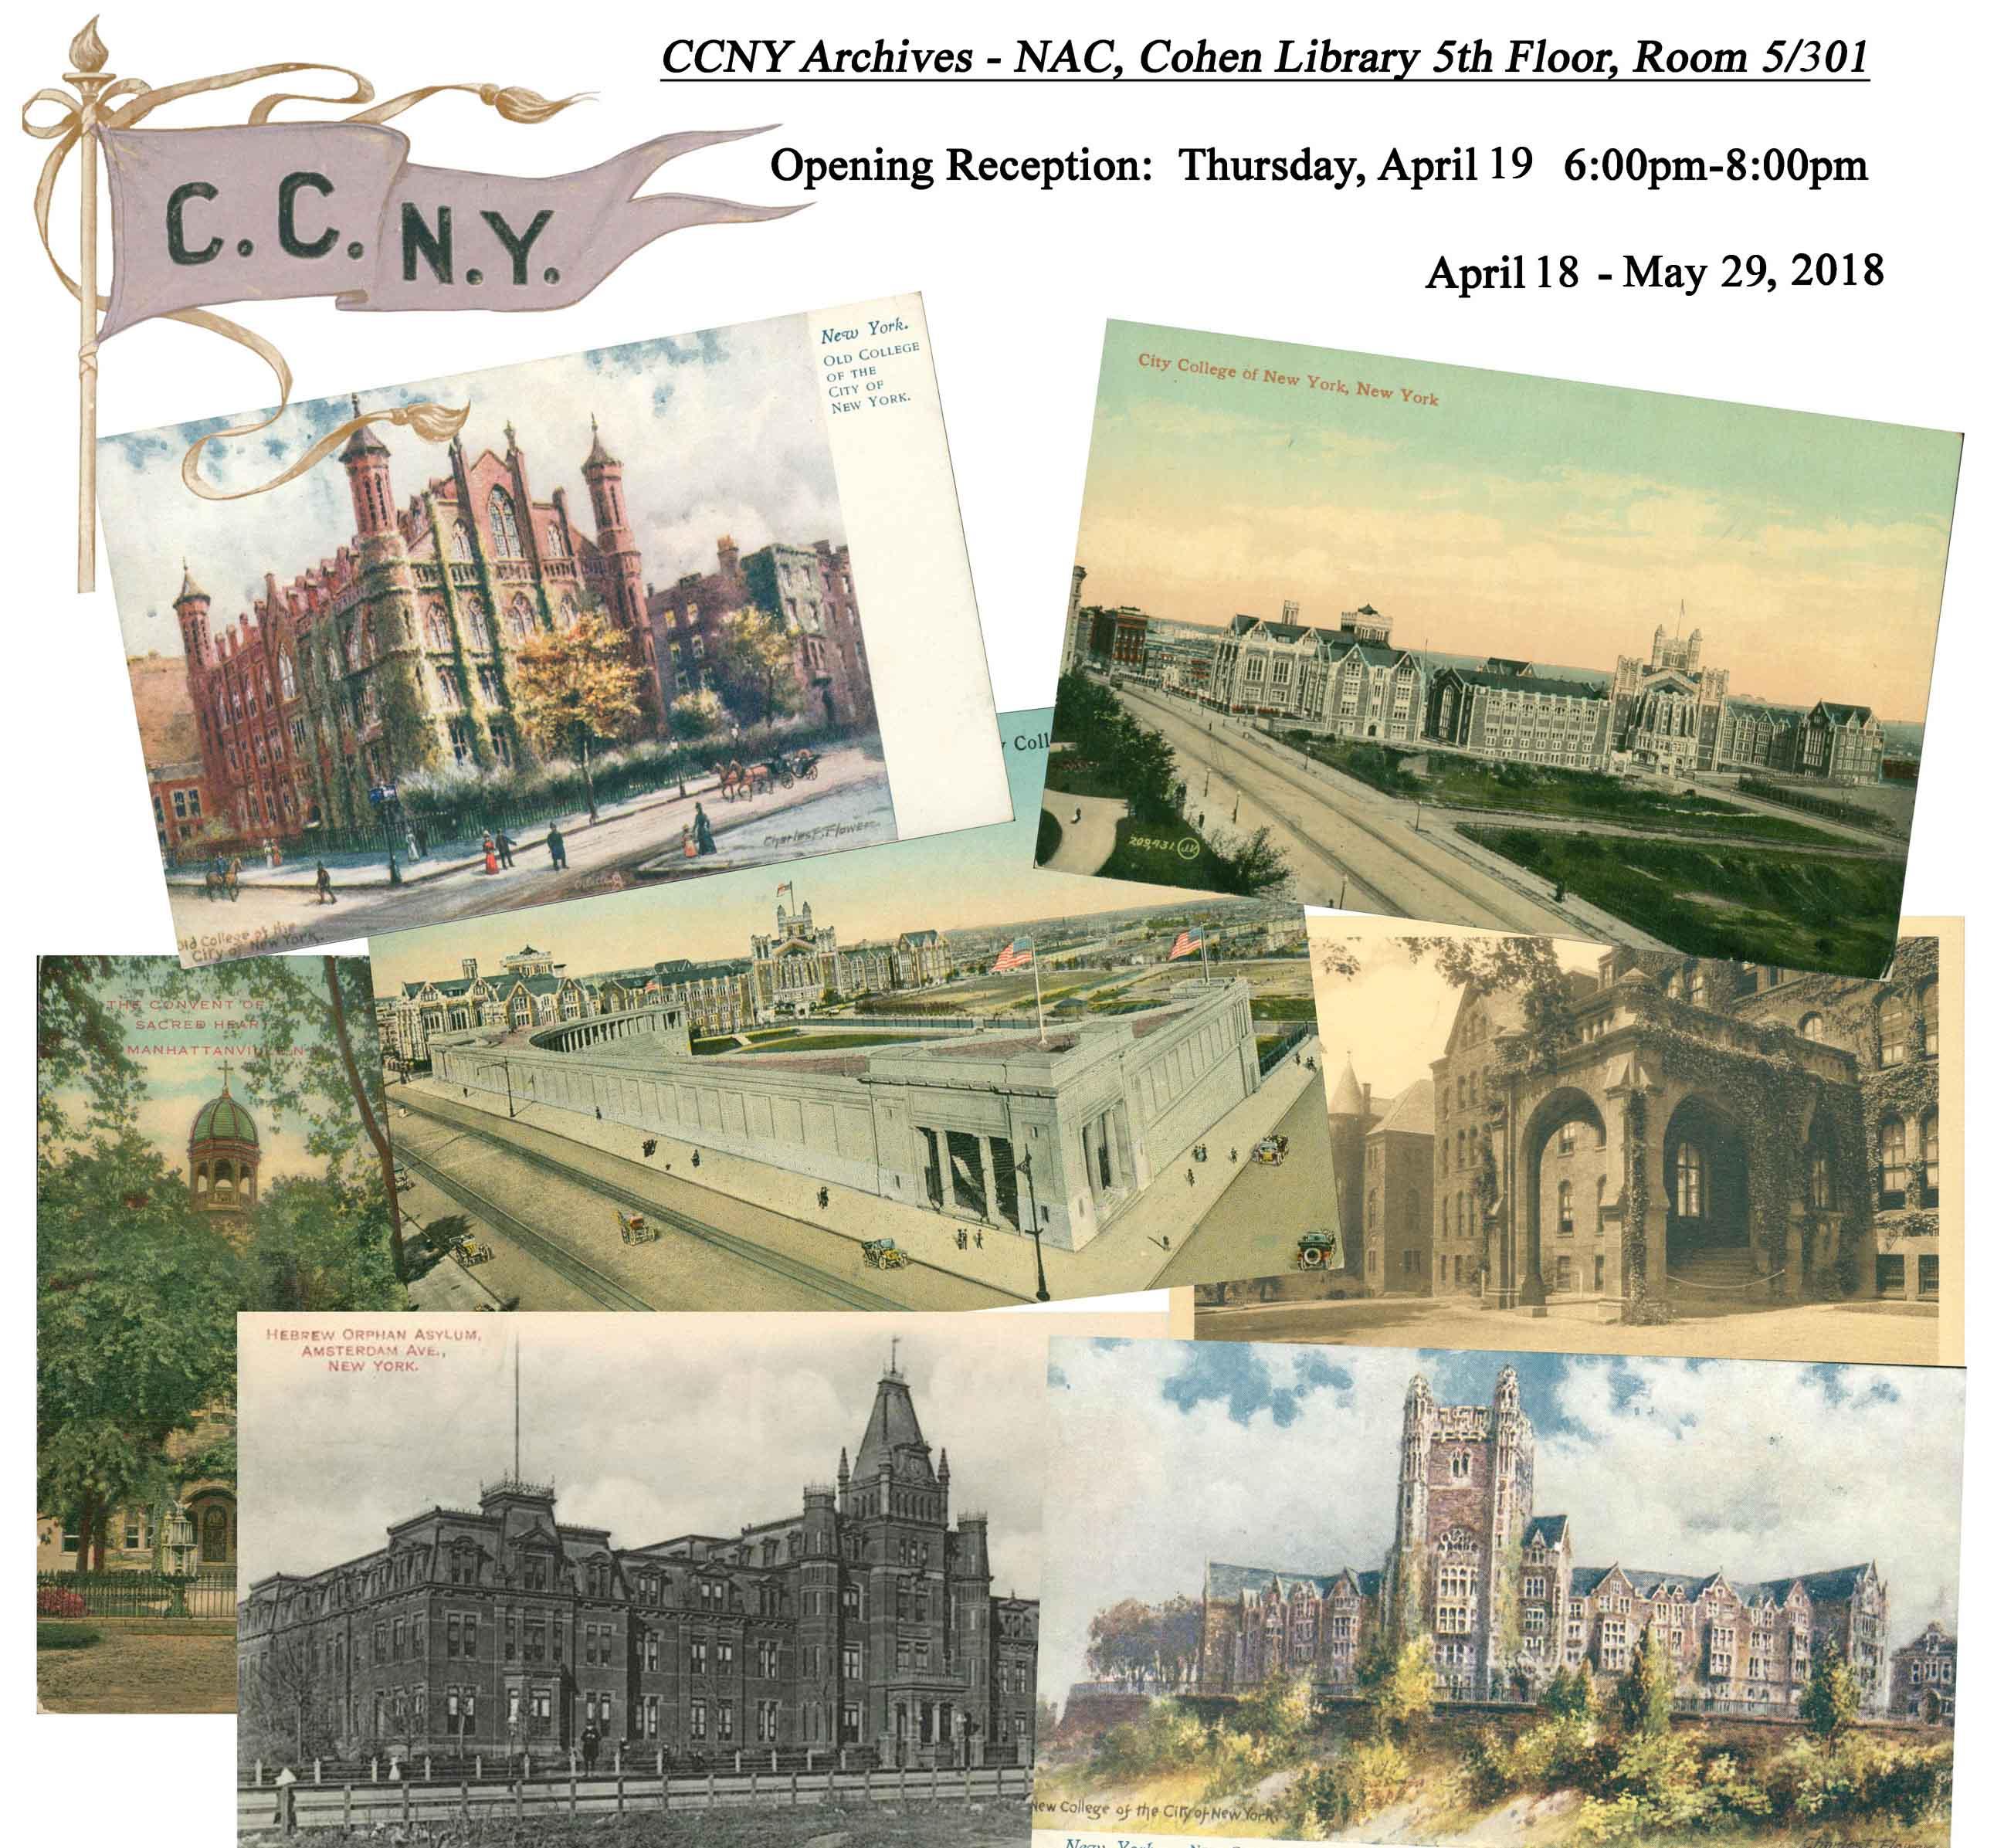 CCNY vintage postcard exhibit